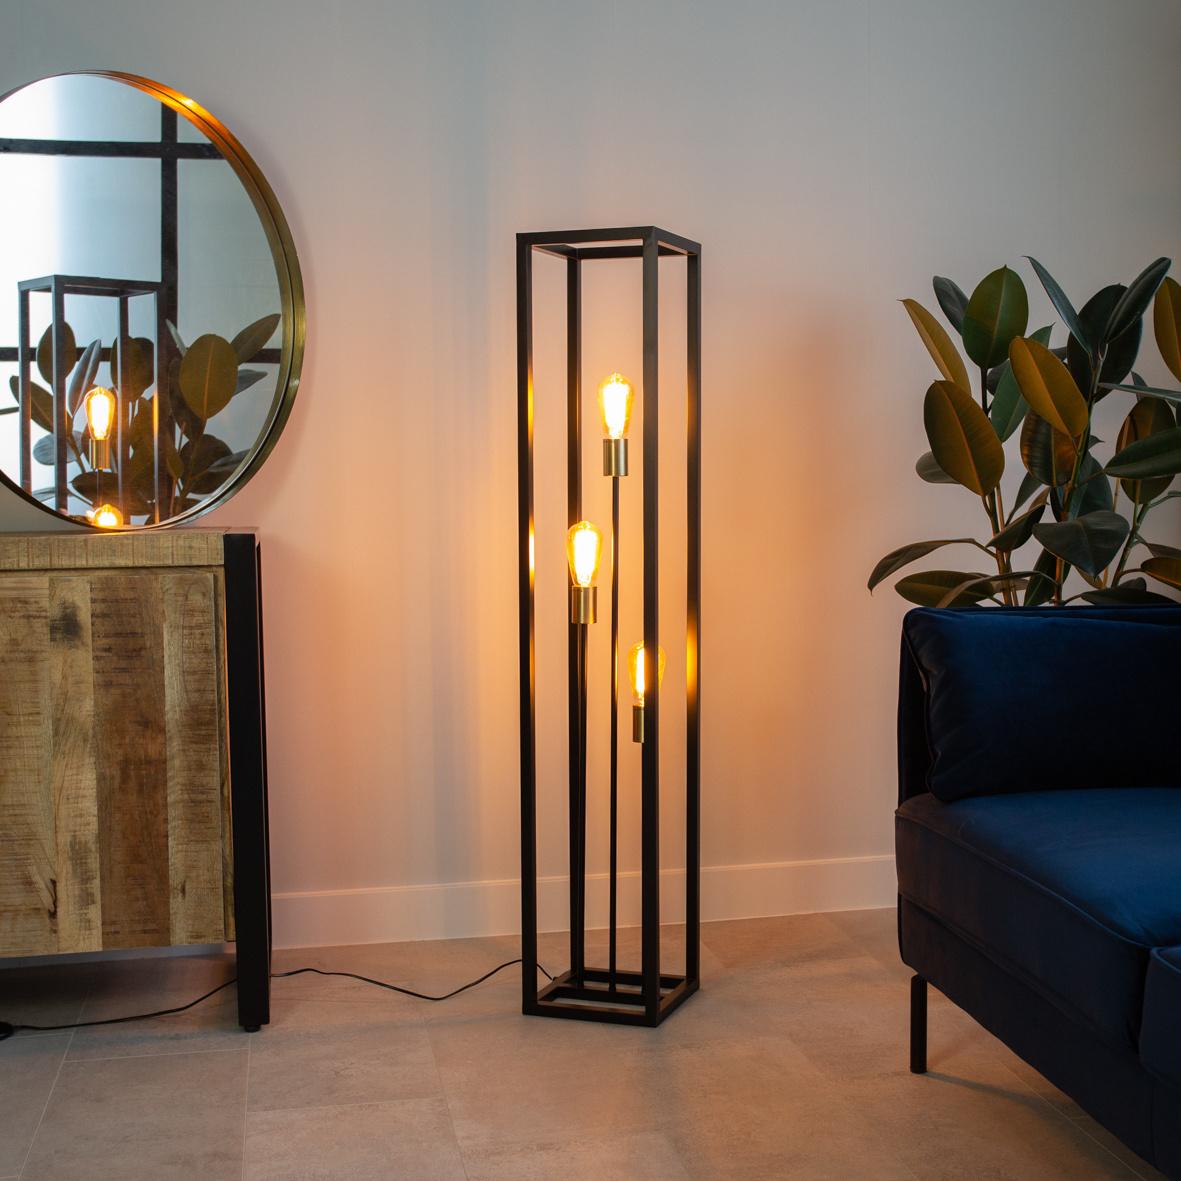 De Mooiste Plekken In Jouw Woning Voor Staande Lampen Tips Ideeen En Inspiratie Dimehouse